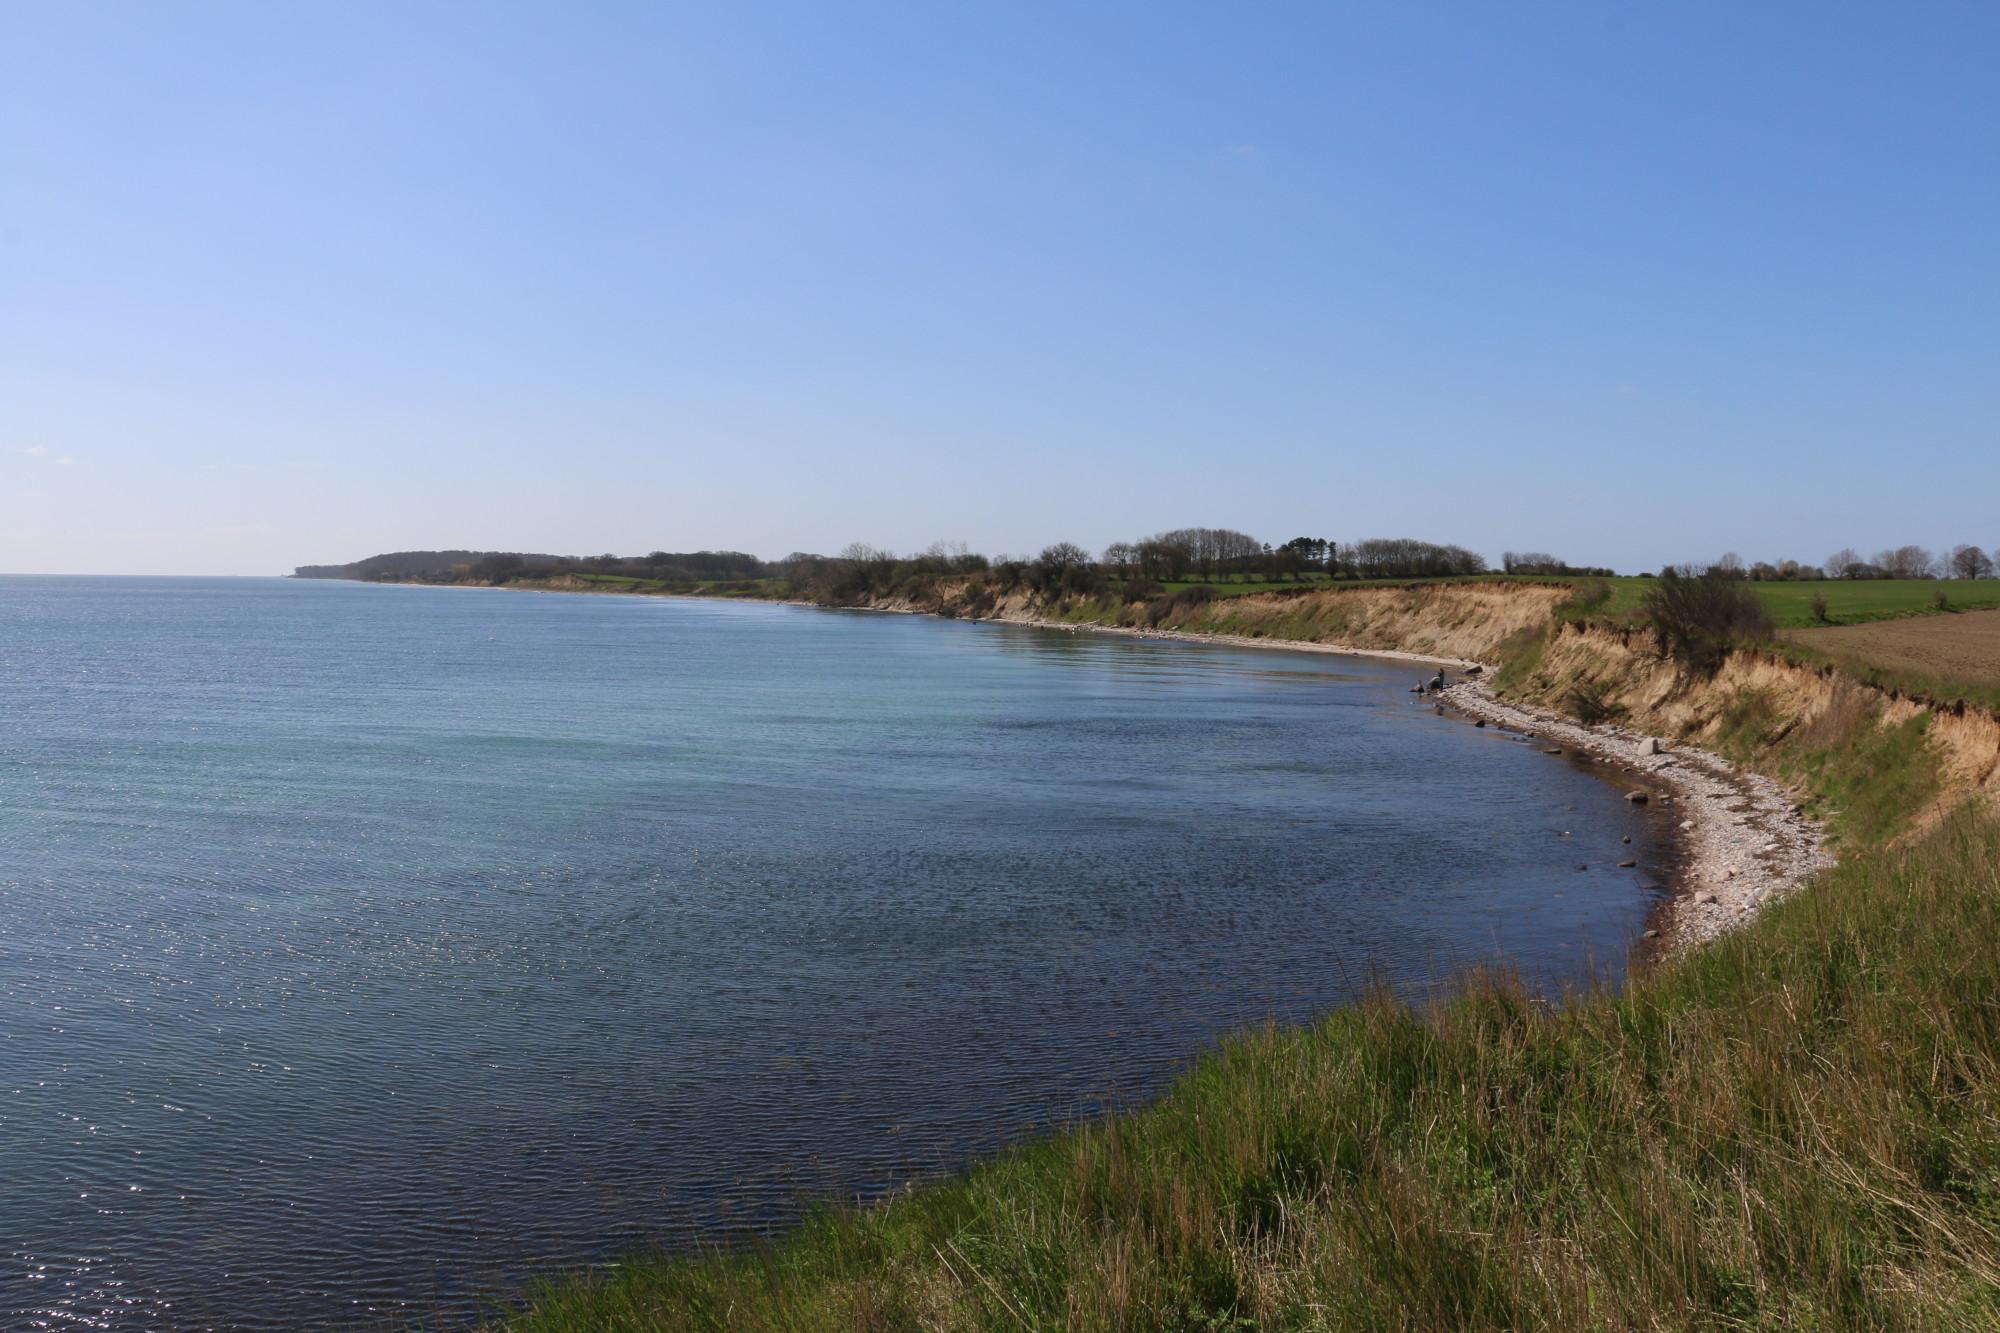 Bei Blick die Küste entlang kann einem Angler schon der Mut verlassen – sehr viel Wasser und relativ wenige Forellen. Durchziehen ist angesagt! Foto: BLINKER